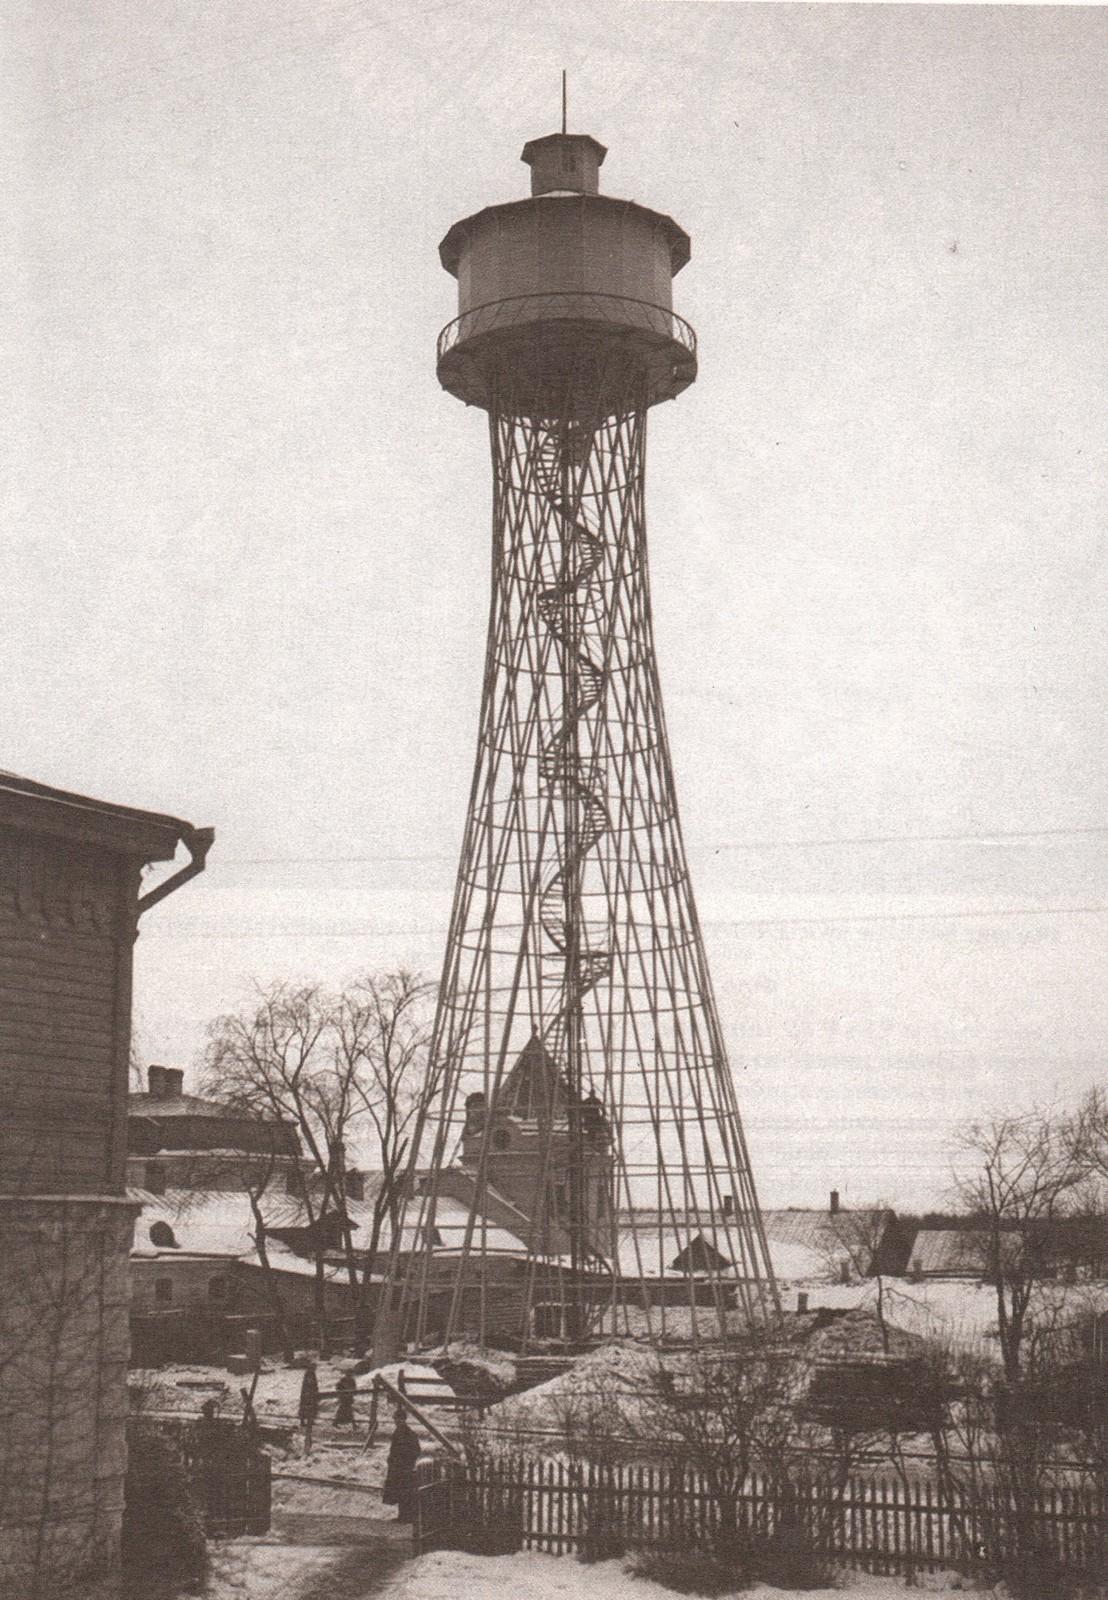 Водонапорная башня Московского сельскохозяйственного института в Петровском-Разумовском. 1914